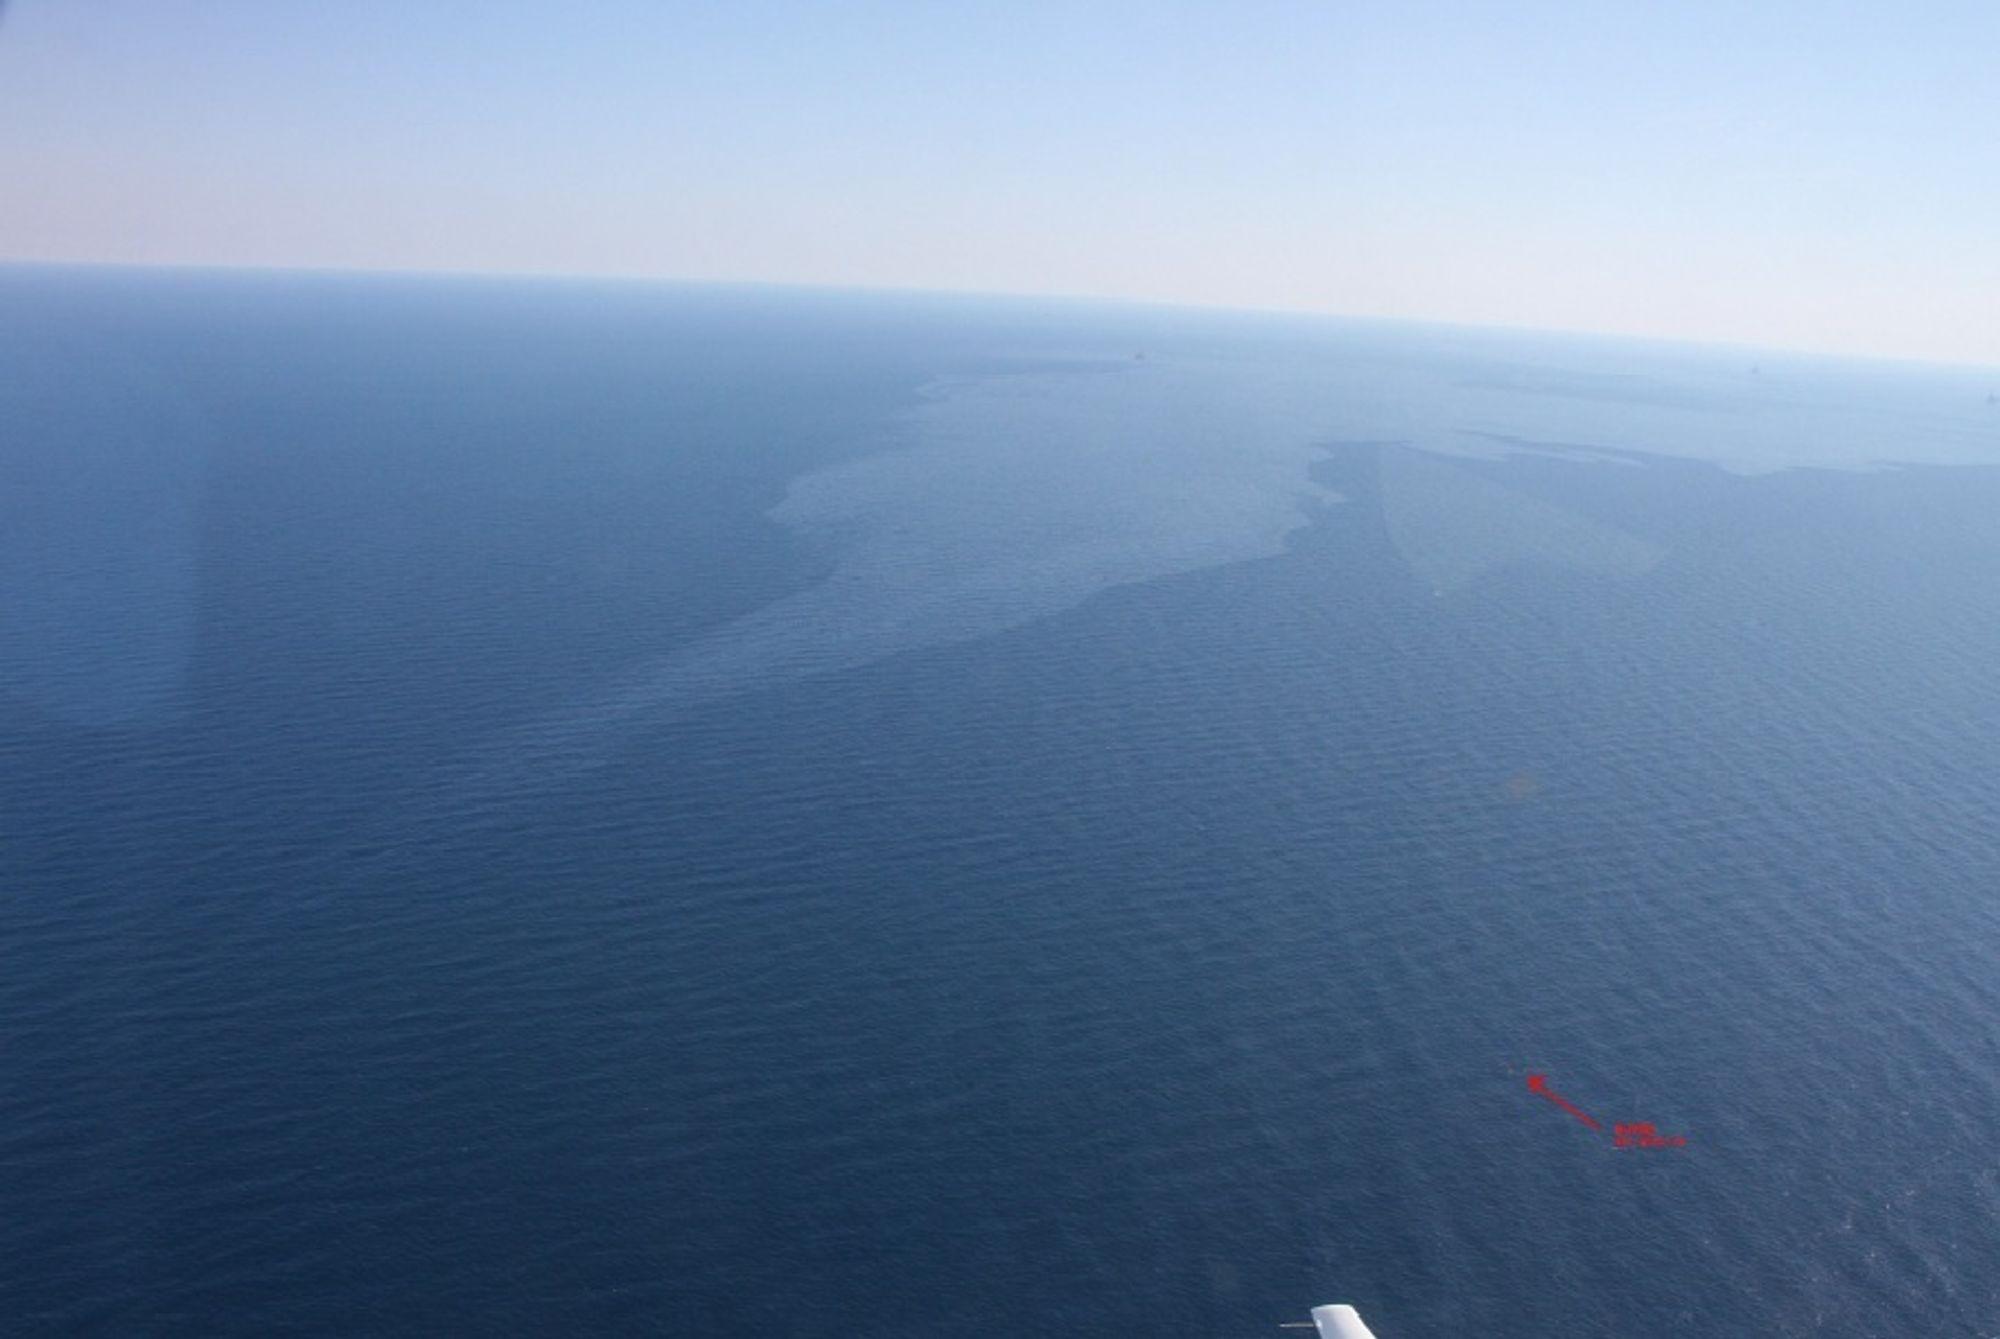 Omfattende: Dette oljeflaket var 15 ganger 3 kilometer i utstrekning.